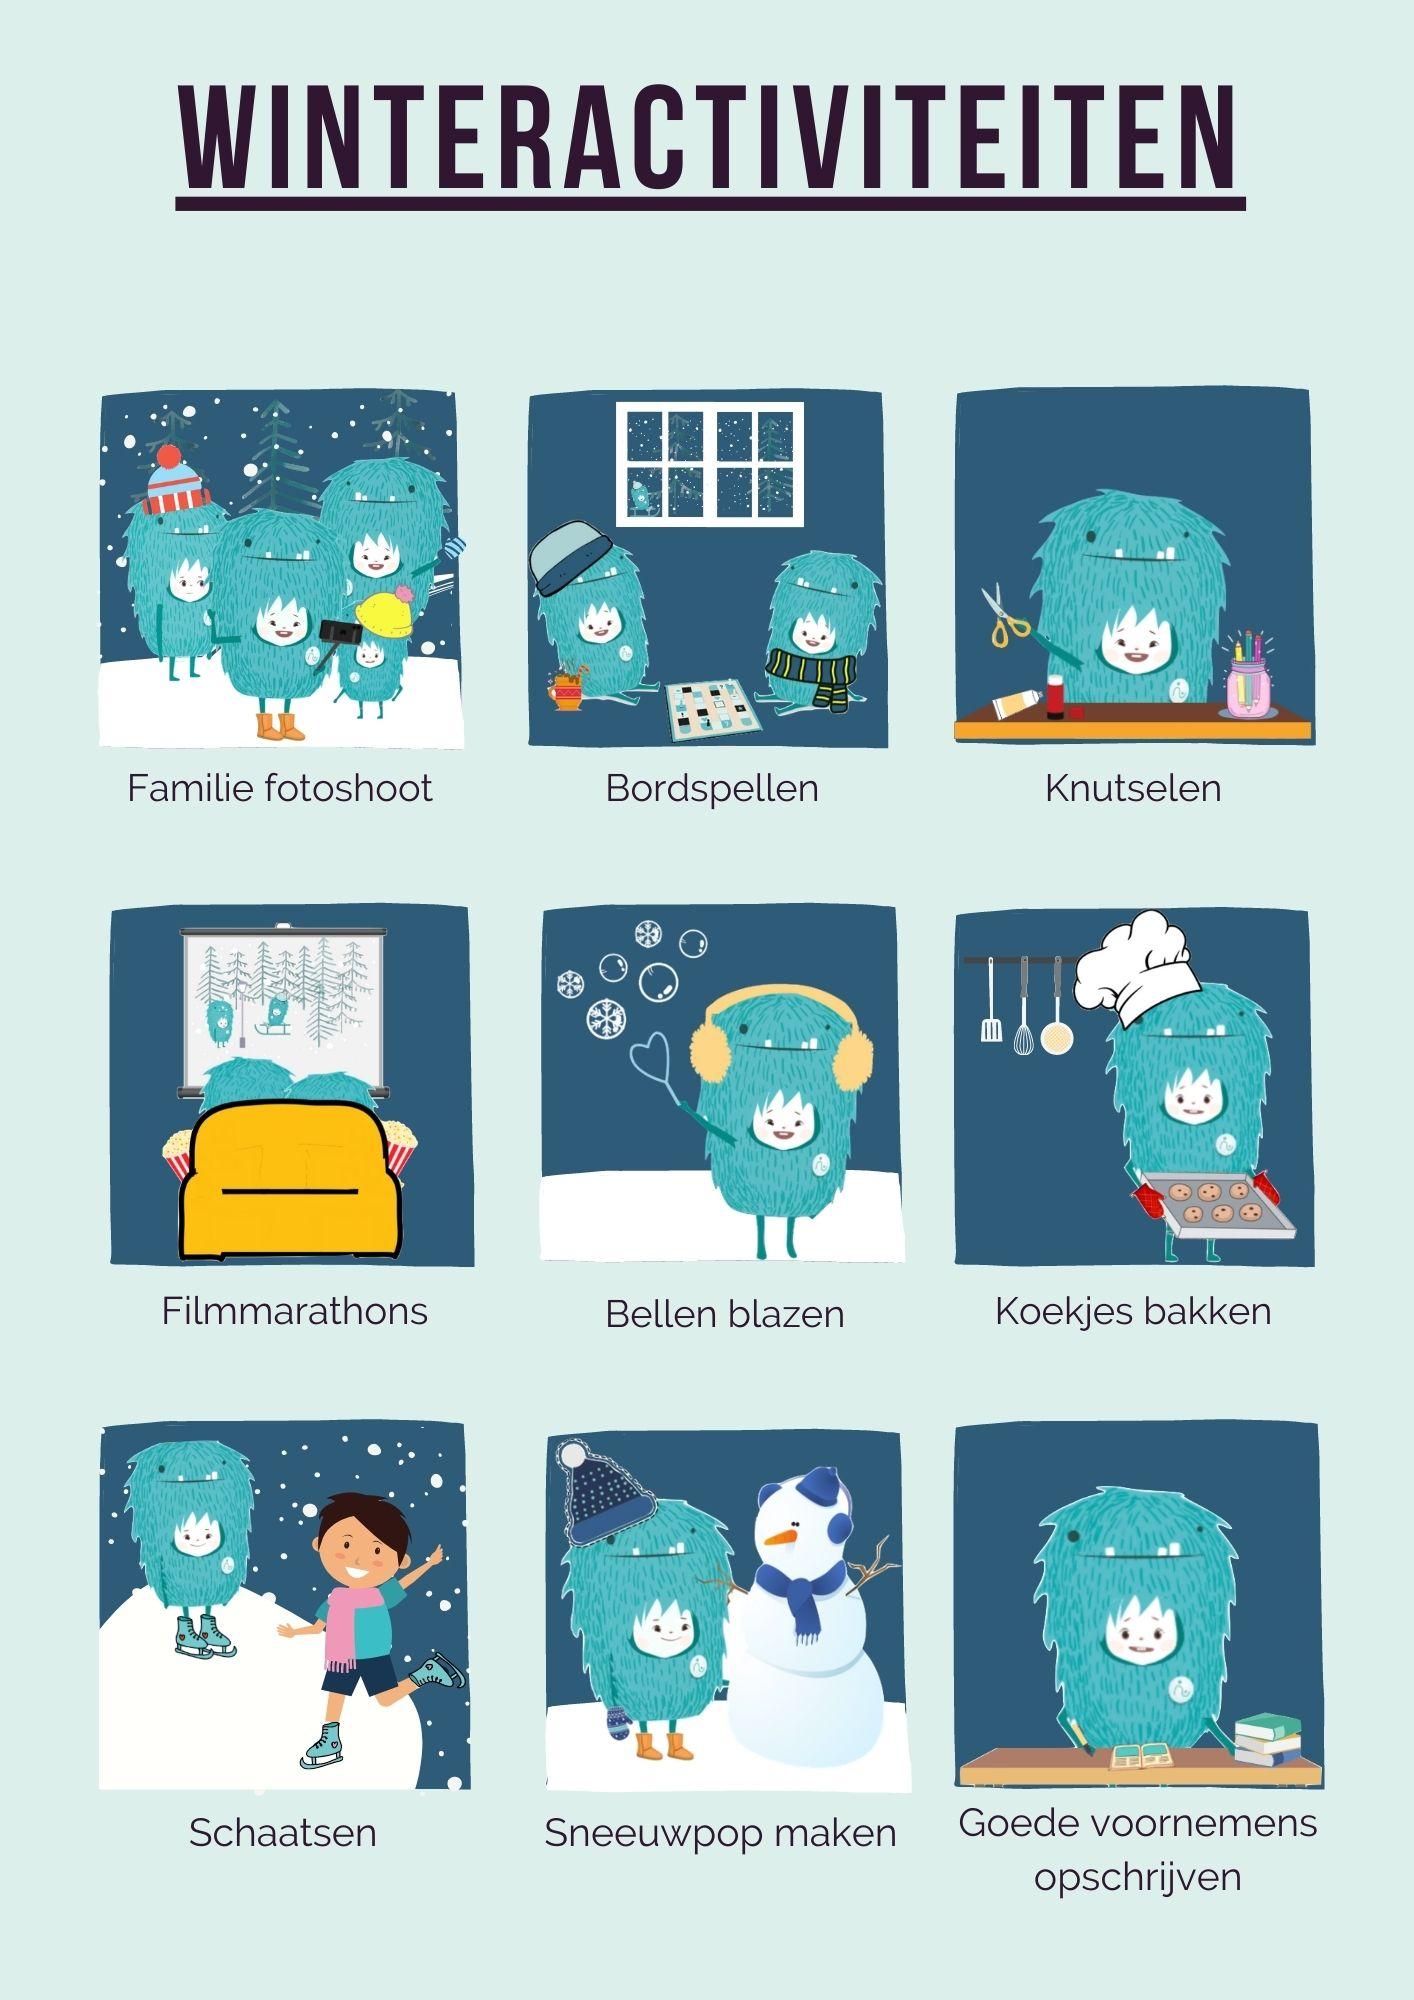 Winteractiviteiten